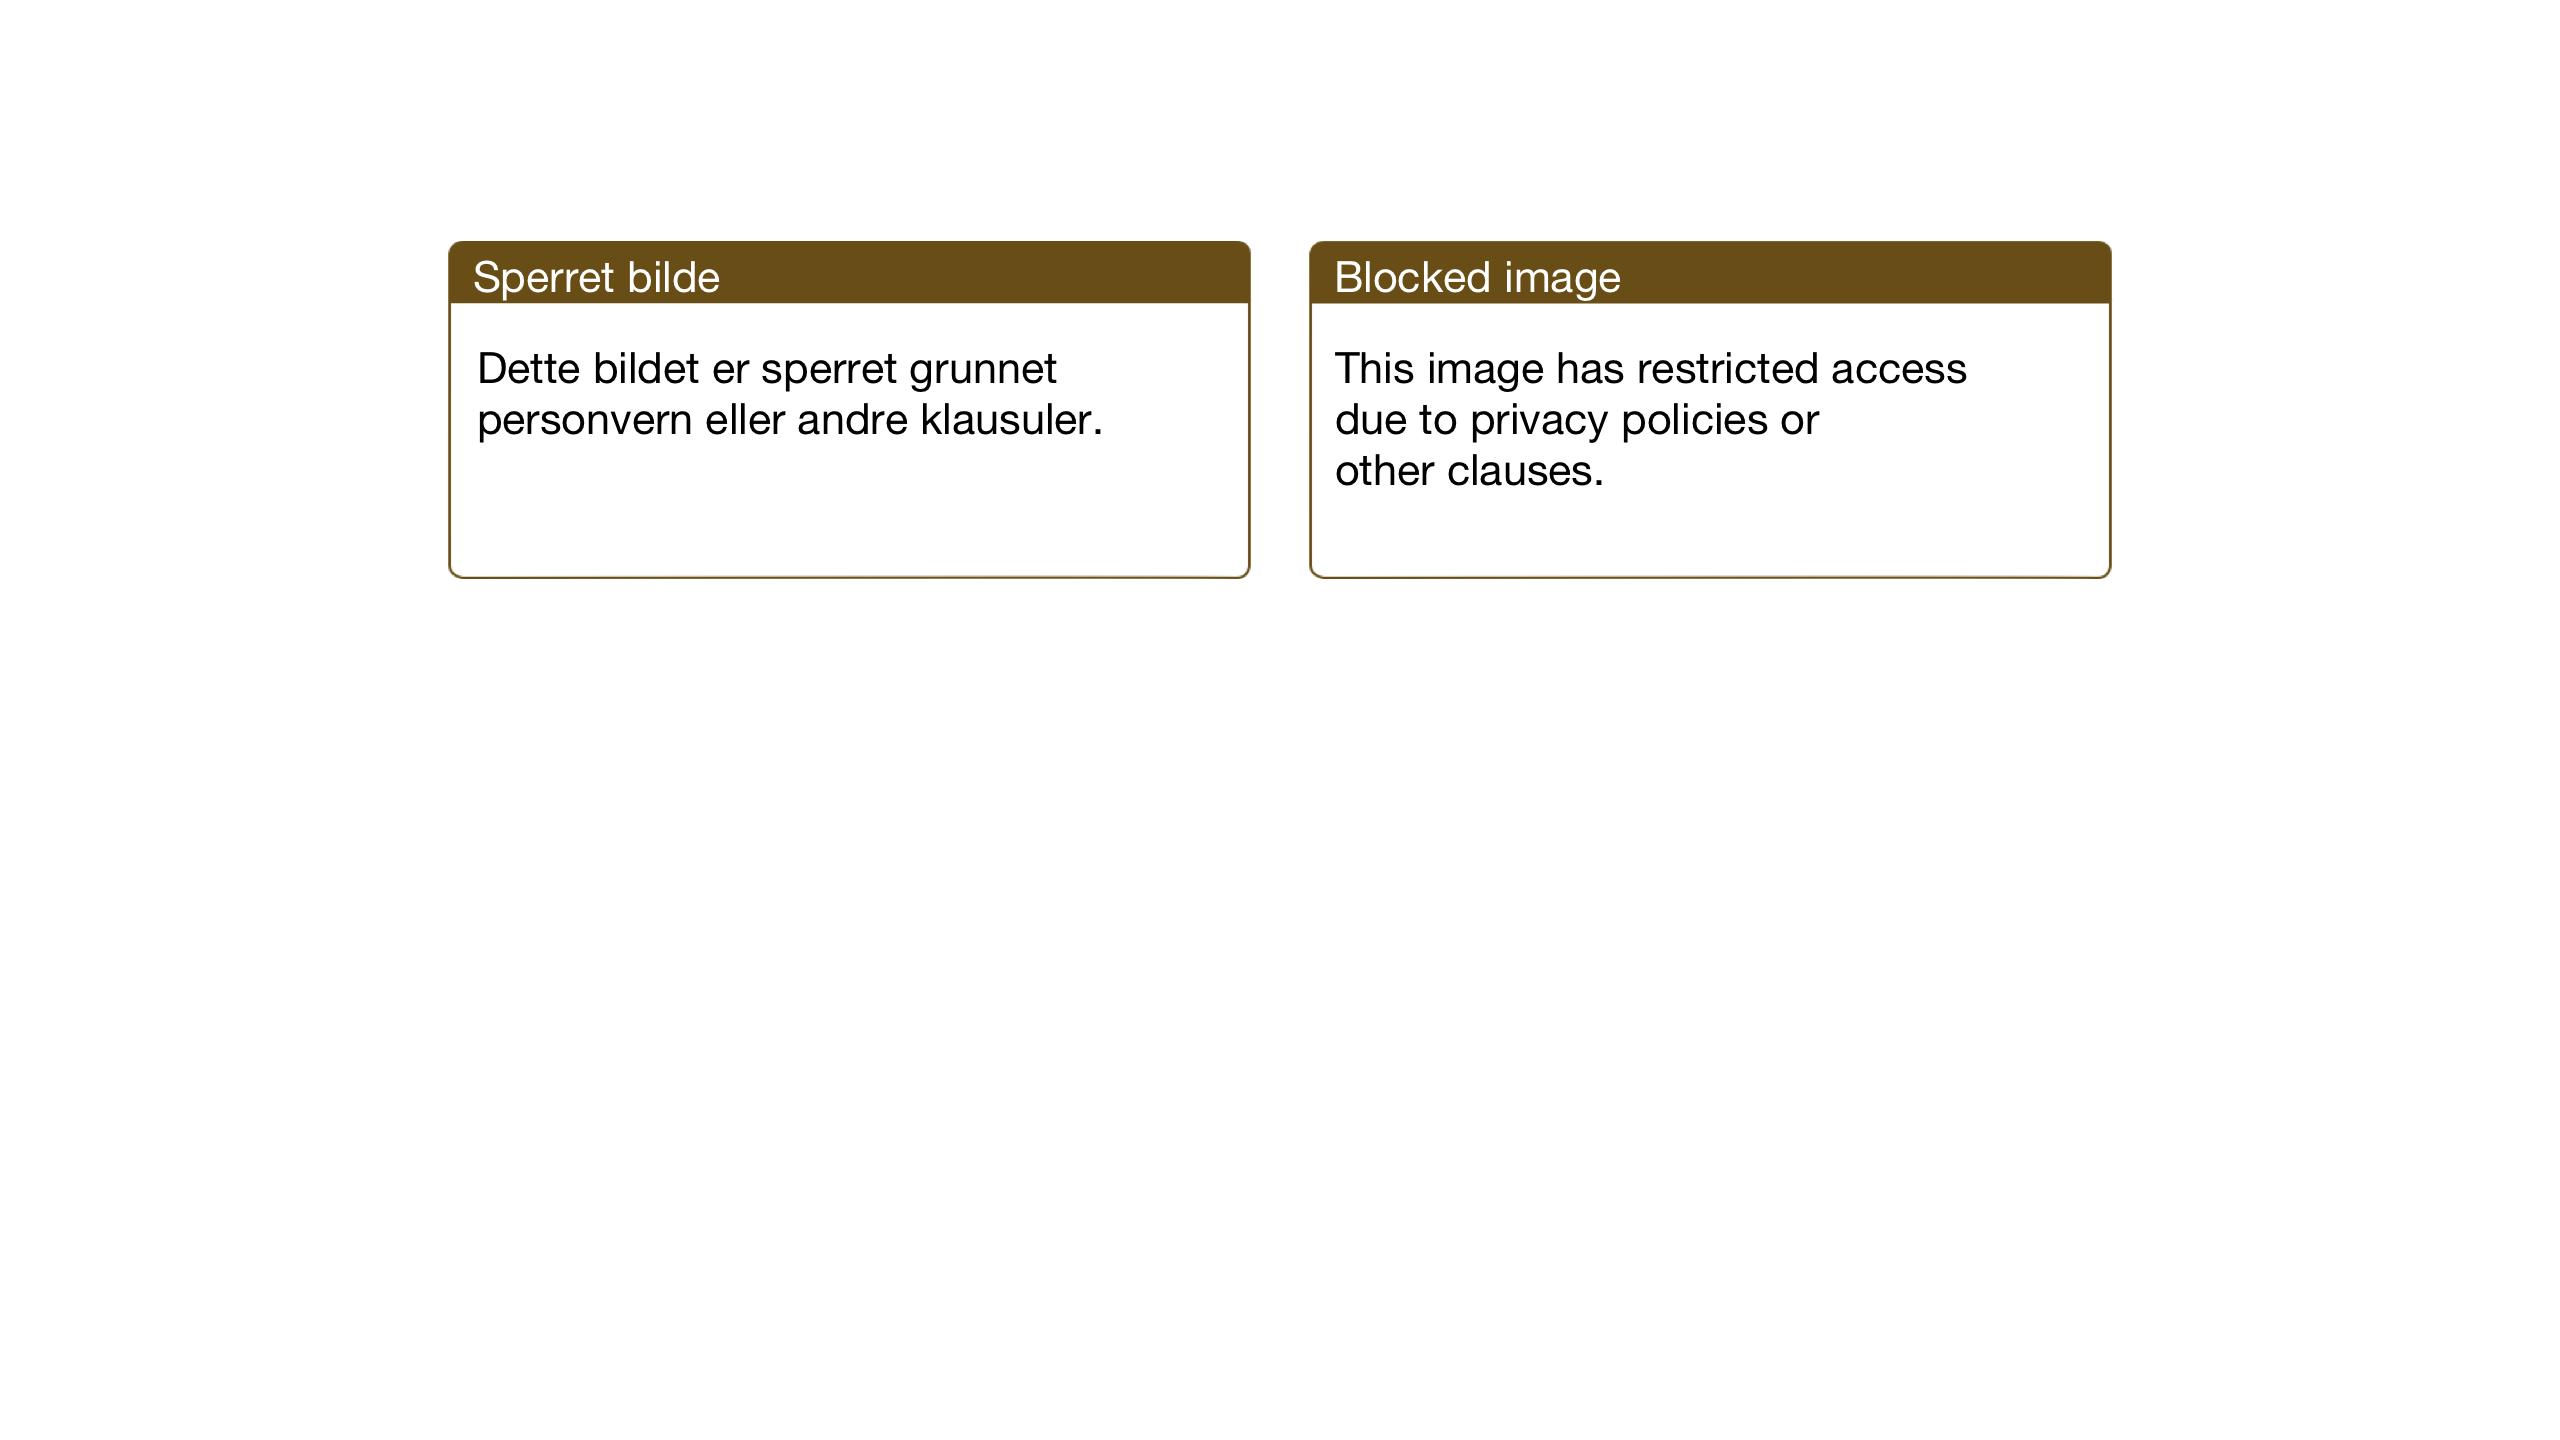 SAT, Ministerialprotokoller, klokkerbøker og fødselsregistre - Sør-Trøndelag, 657/L0718: Klokkerbok nr. 657C05, 1923-1948, s. 307